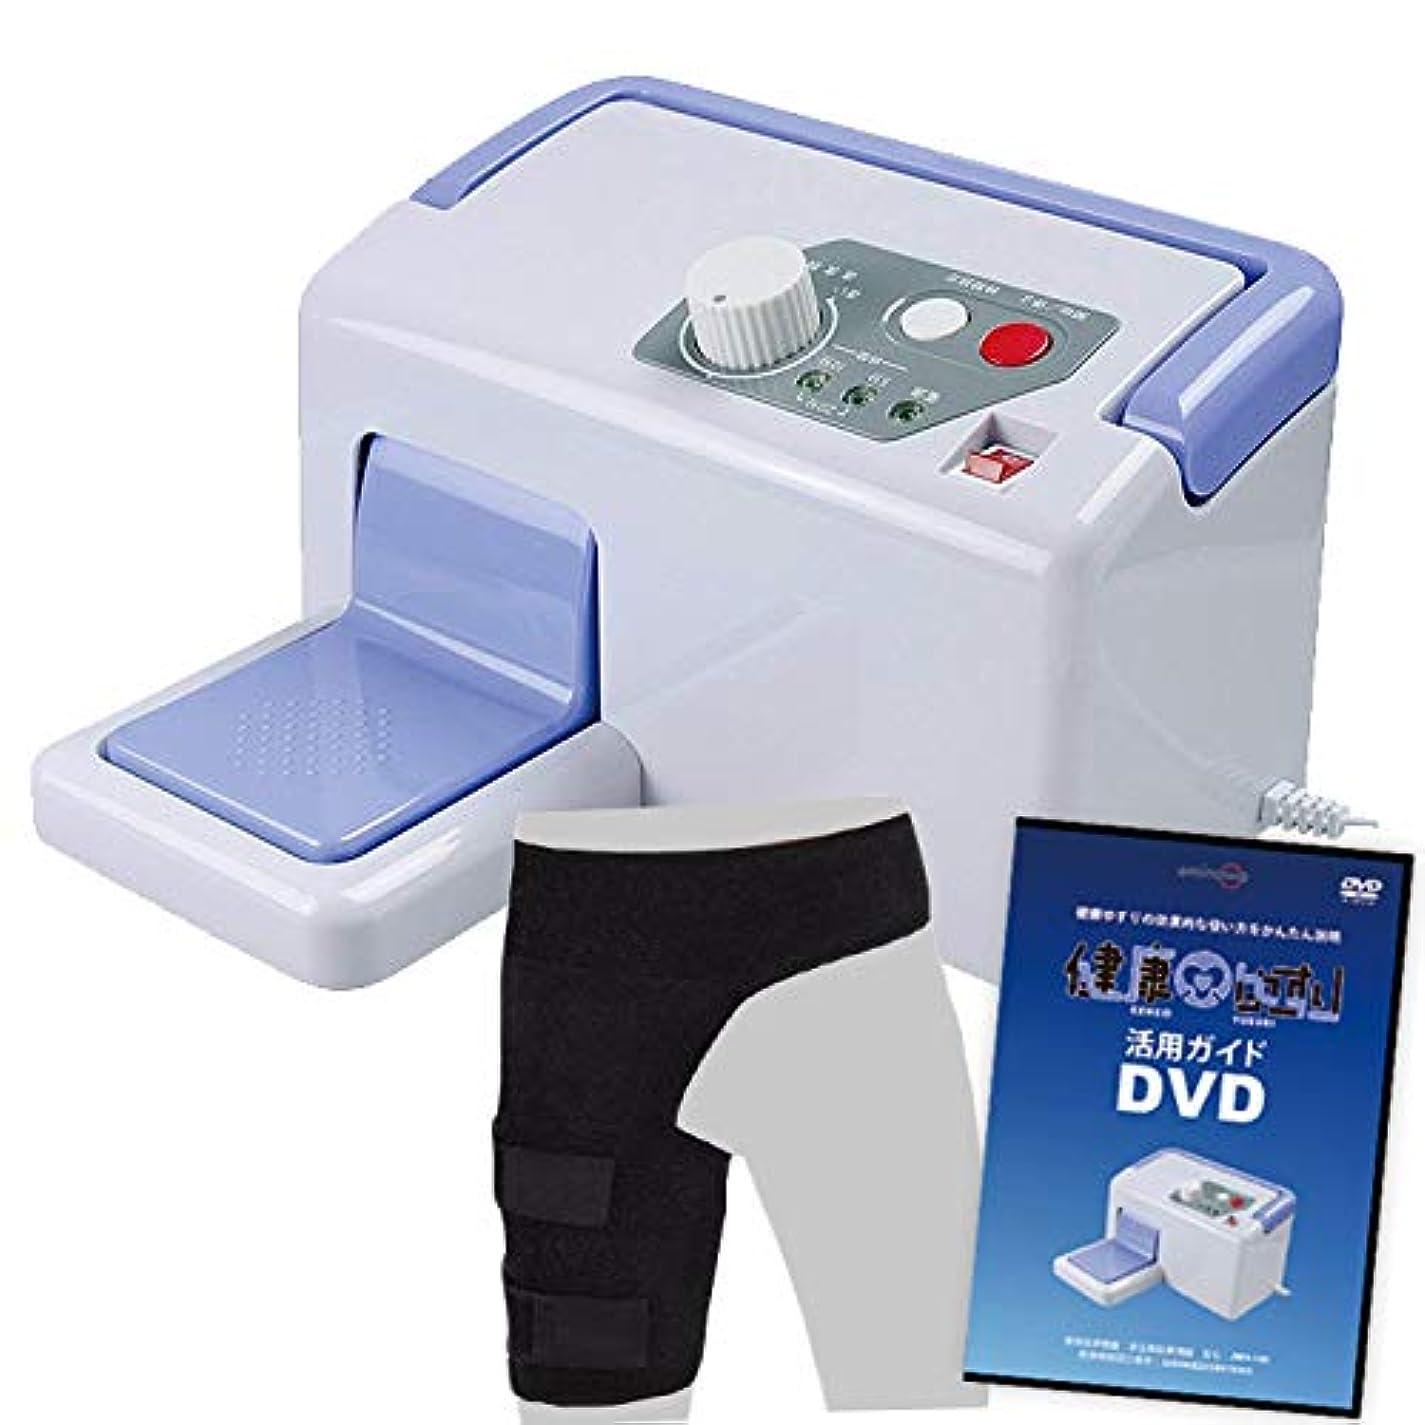 チーフコンピューター現実的健康ゆすり 股関節サポーター特典付き 「活用ガイド」DVD特典付き 取扱説明書(※使い方ガイド) 1年間保証書付き 合計5点セット